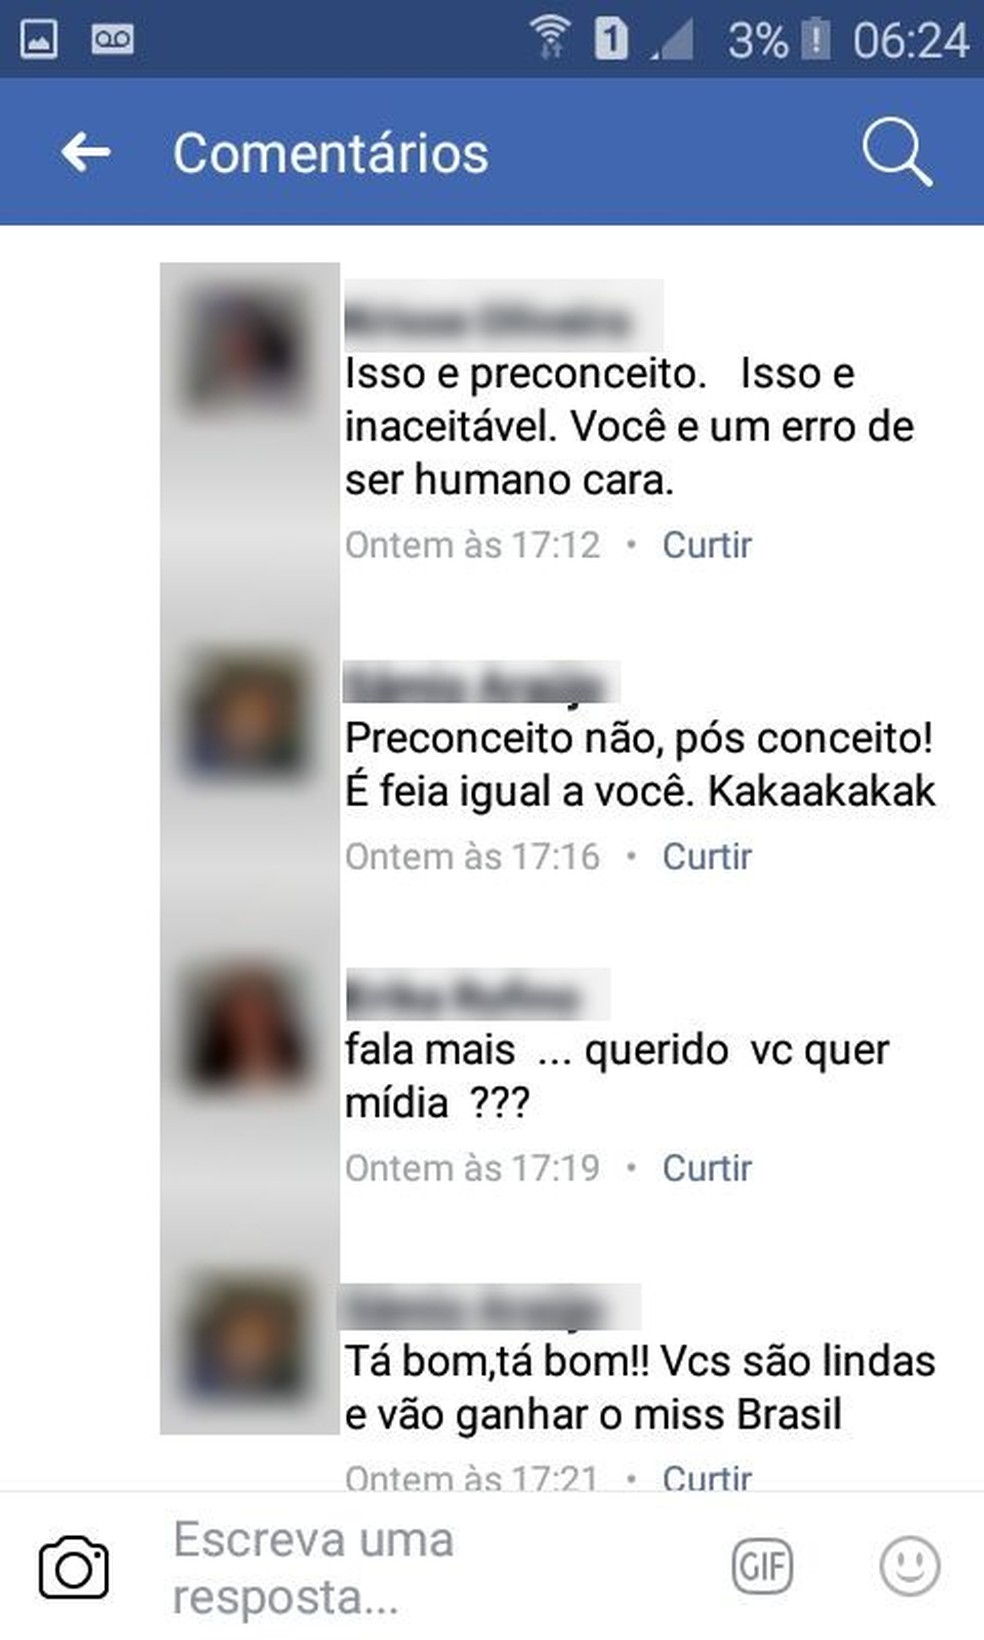 Internautas chegaram a advertir homem sobre os comentários  (Foto: Reprodução/Facebook)